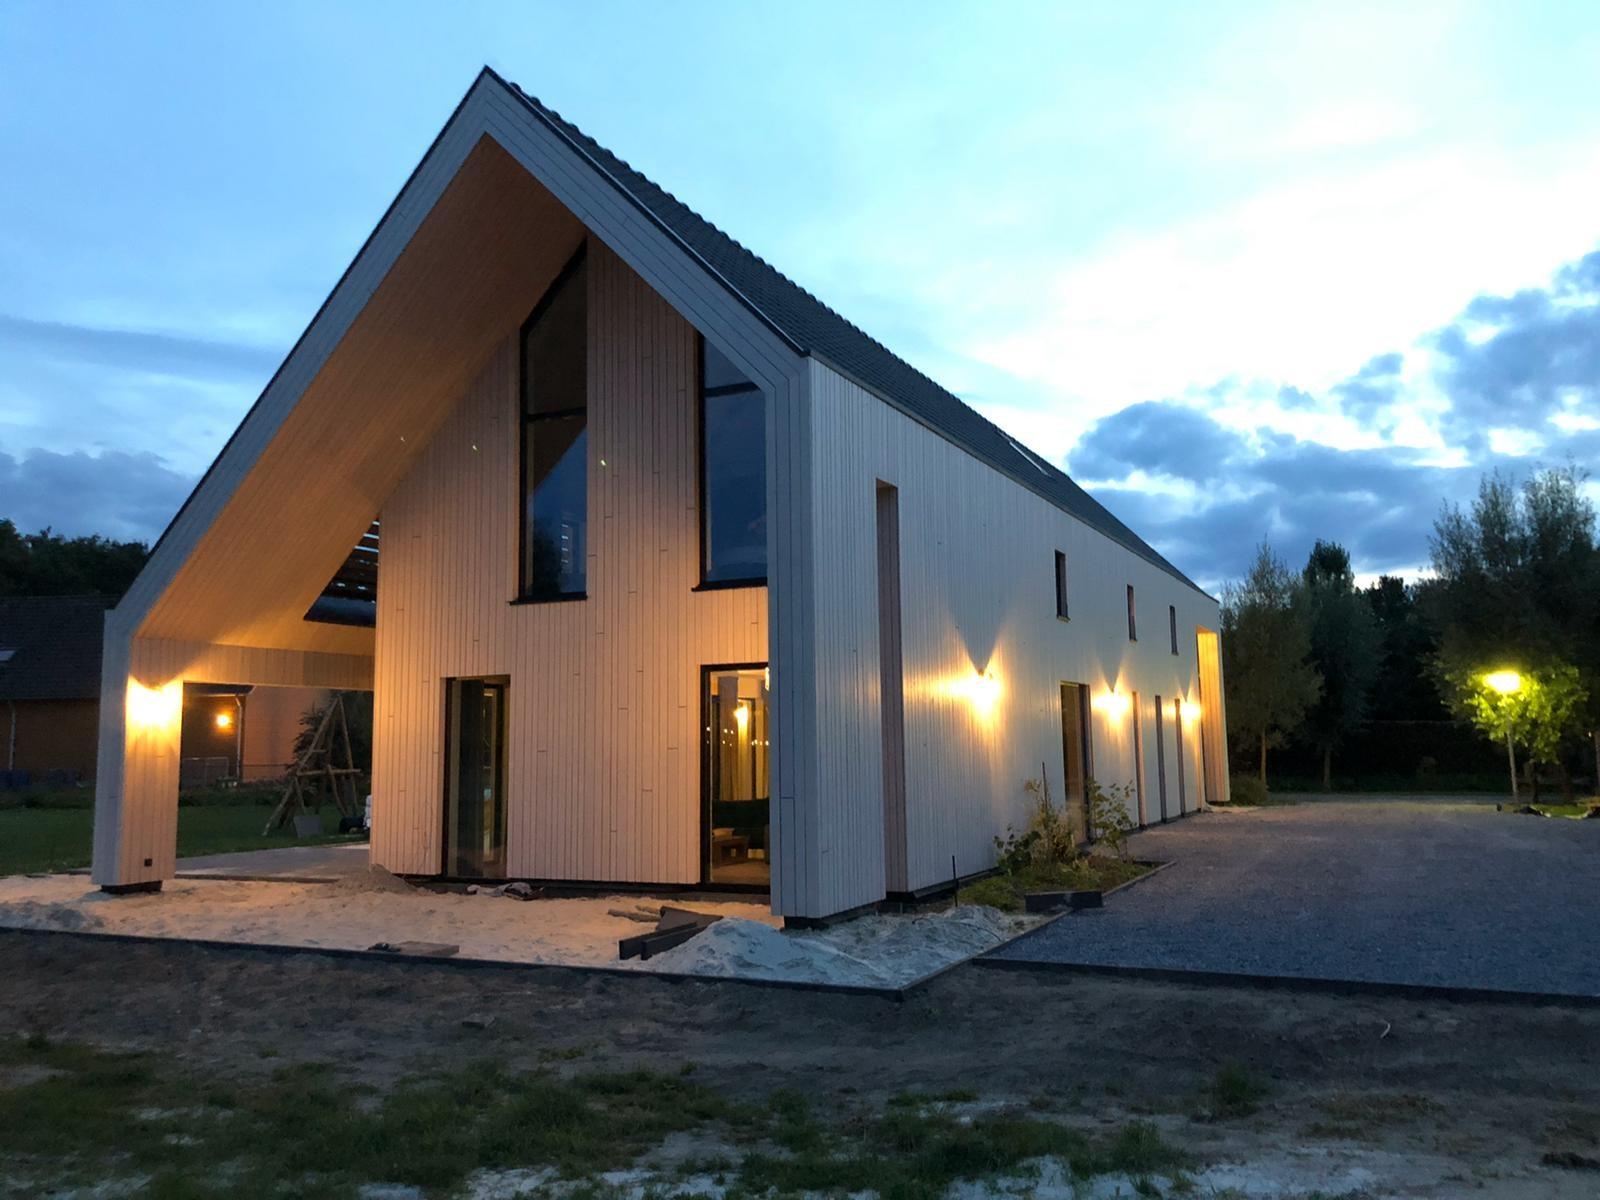 Ontwerp van twee duurzame en gezonde woningen